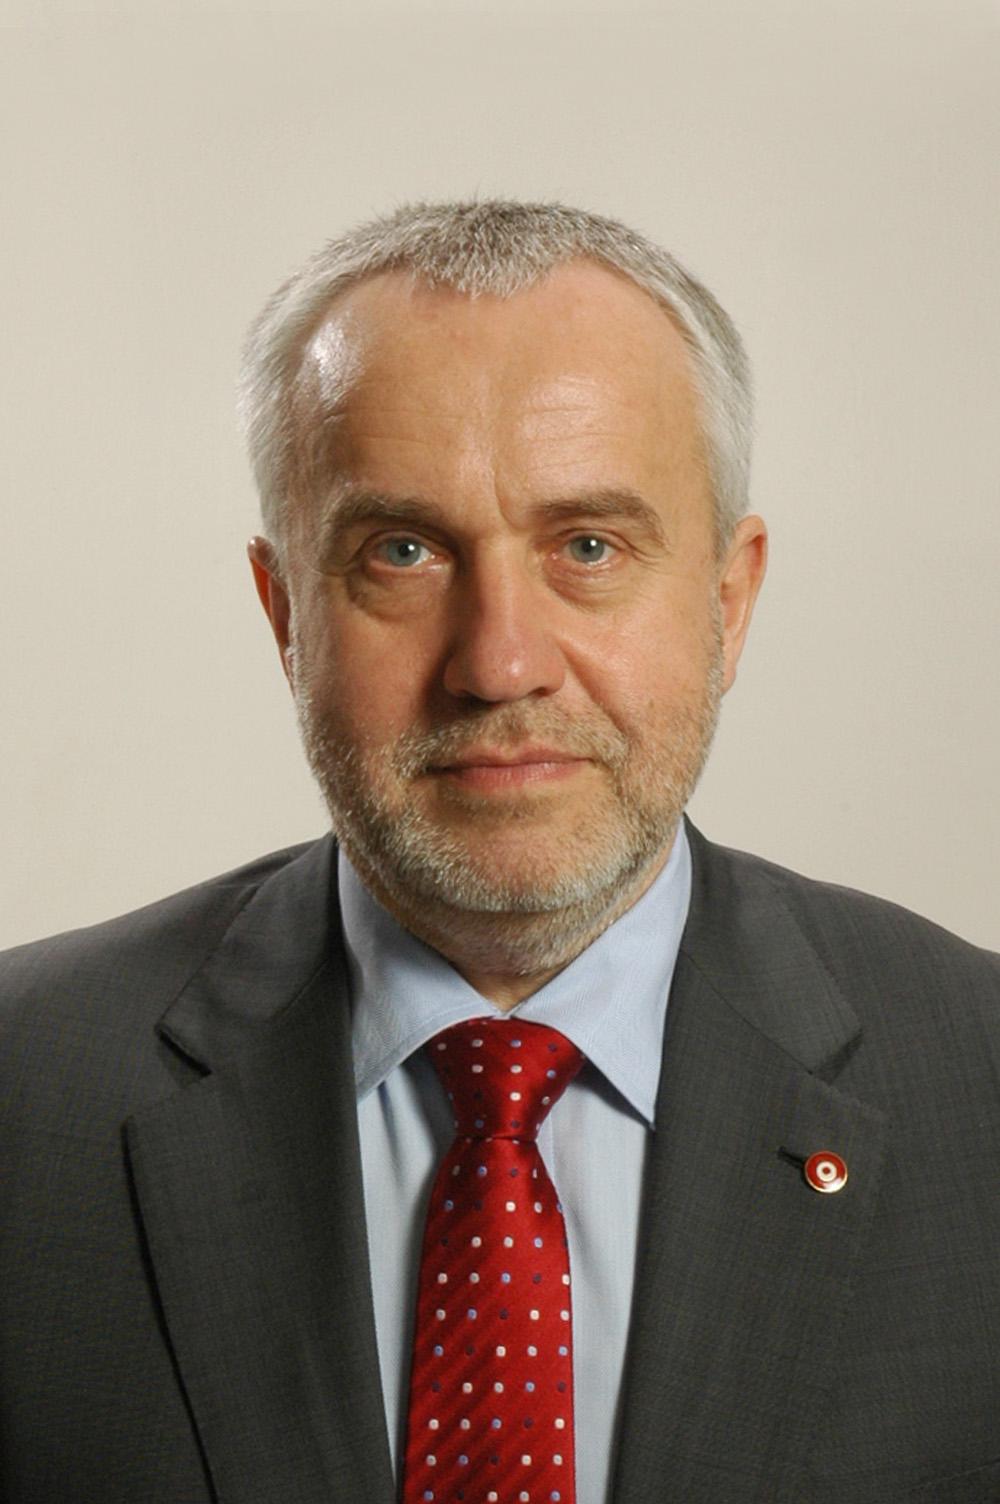 Andris Šķēle httpsuploadwikimediaorgwikipediacommonsee